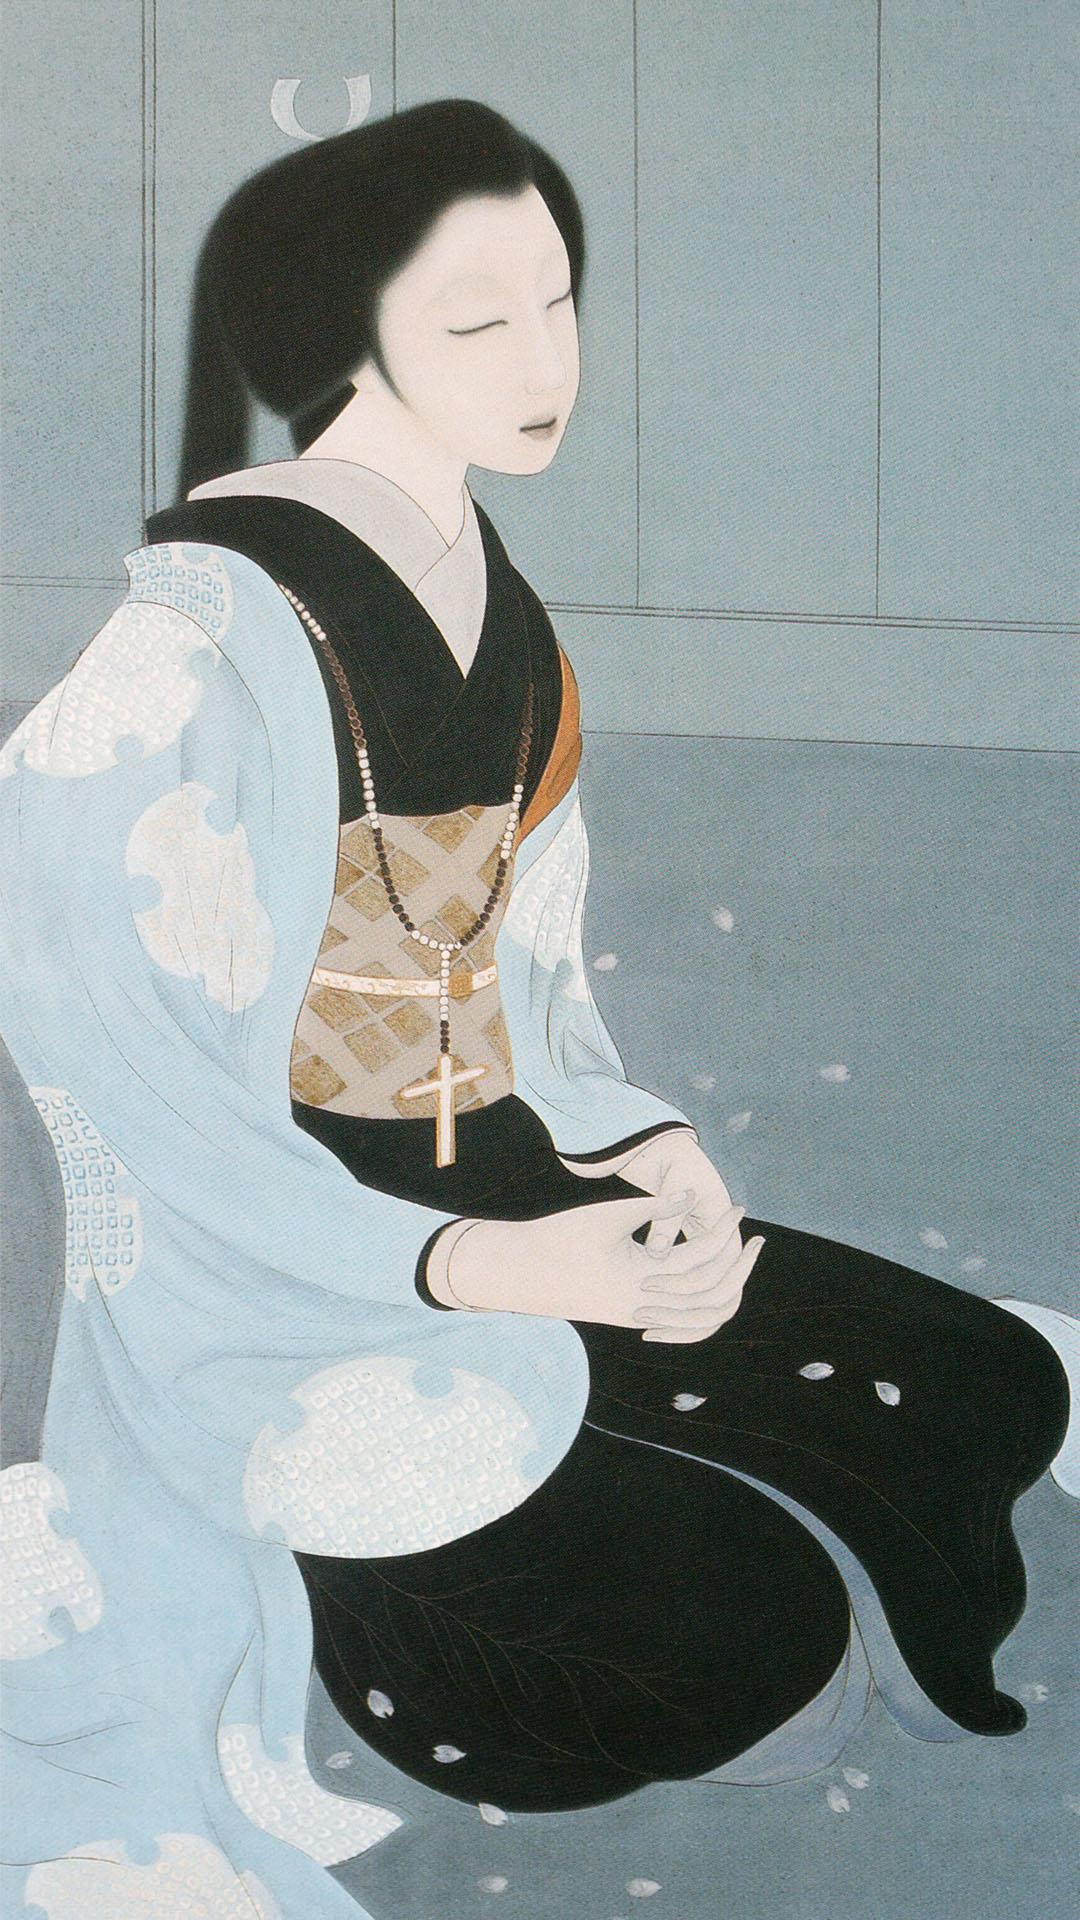 橋本明治 ガラシャ夫人像 Hashimoto Meiji Garasha fujin zou 1080x1920